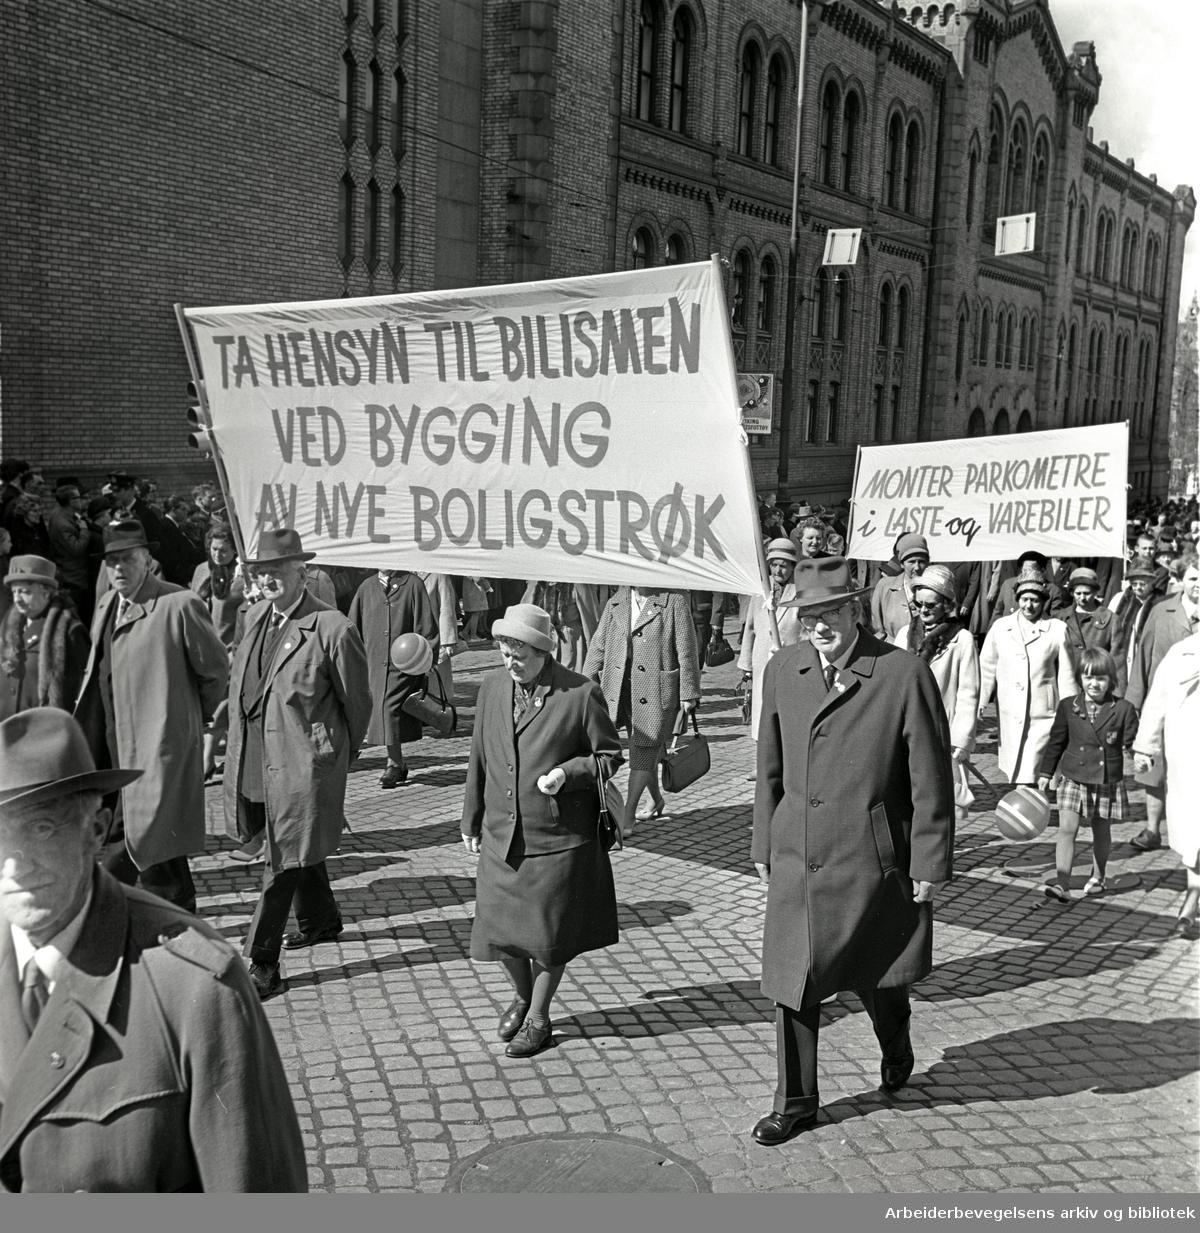 1. mai 1964 i Oslo.Demonstrasjonstoget i Karl Johans gate.Parole: Ta hensyn til bilismen ved bygging av nye boligstrøk.Parole: Monter parkometre i laste og varebiler